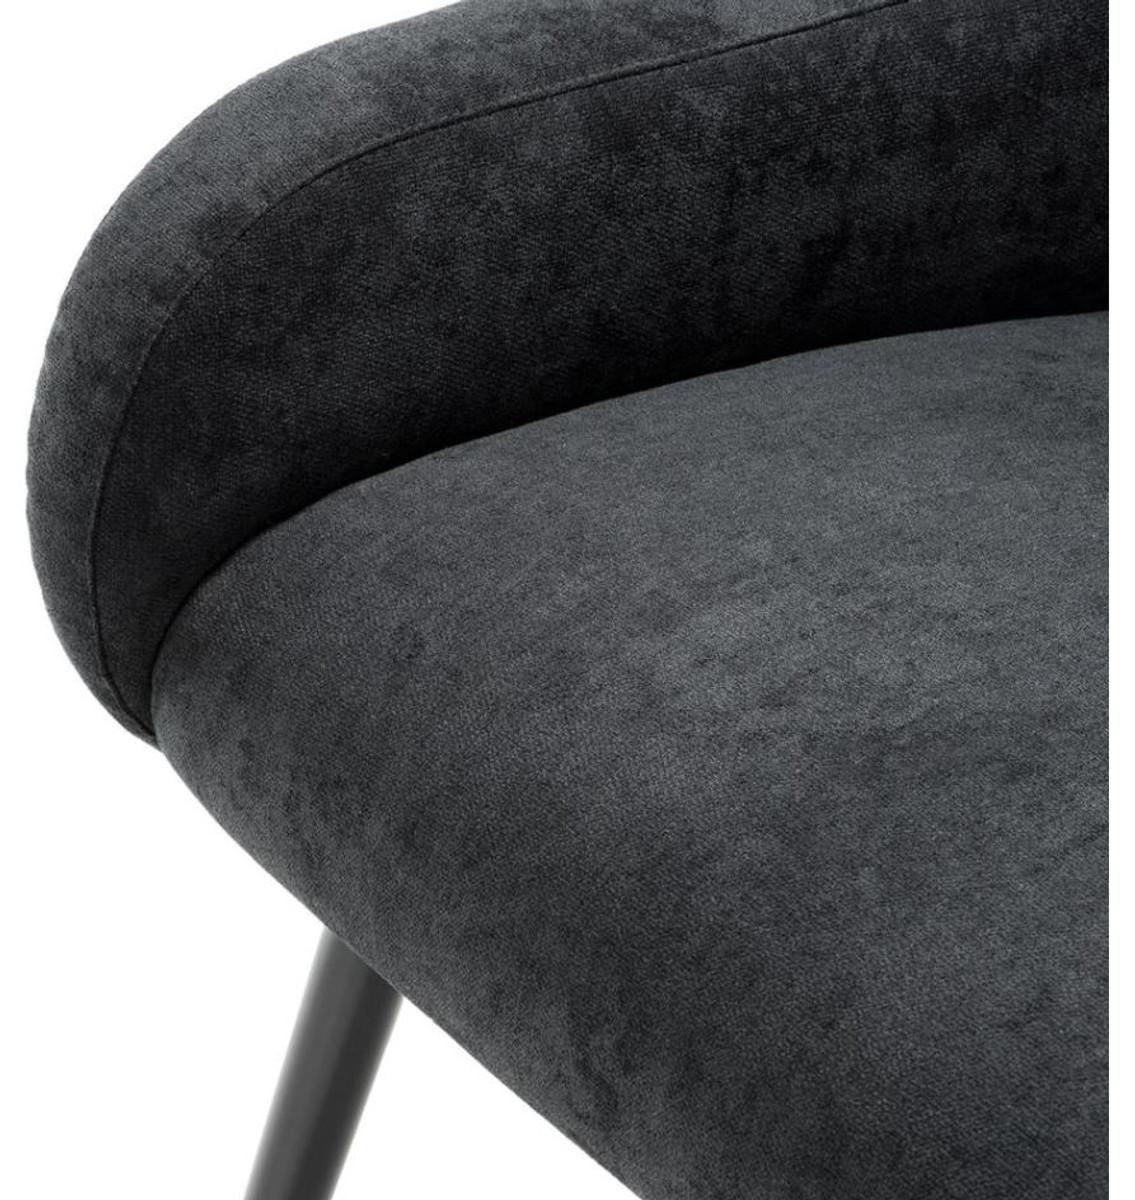 Casa padrino designer esszimmerstuhl mit armlehnen luxus for Designer esszimmerstuhl